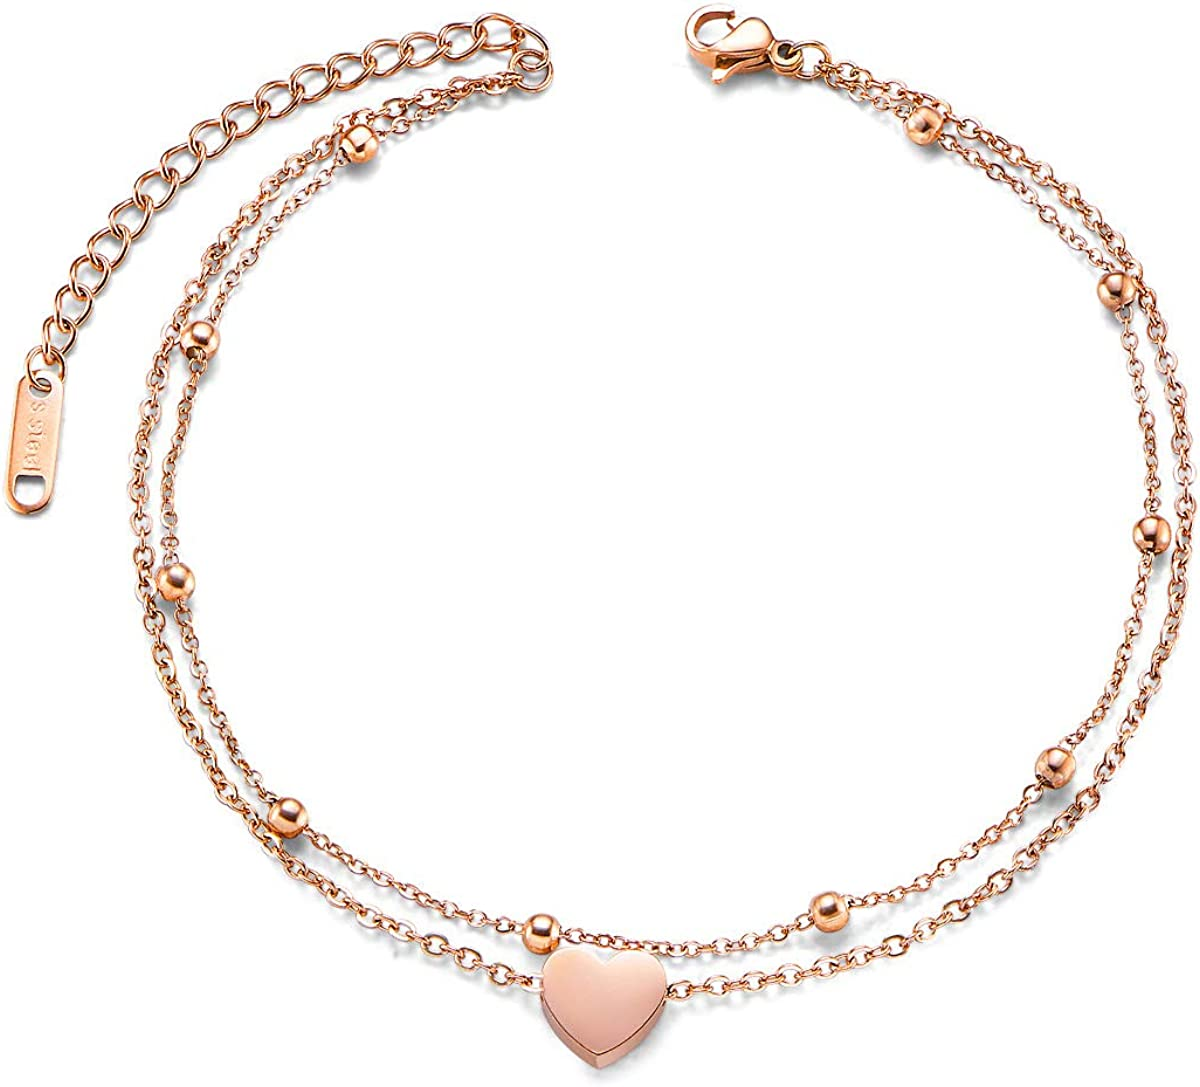 SHEGRACE Donna Doppia Cavigliera Charm con Perline in Acciaio al Titanio Placcato Oro Rosa Regolabile Semplice Regalo per la Fidanzata